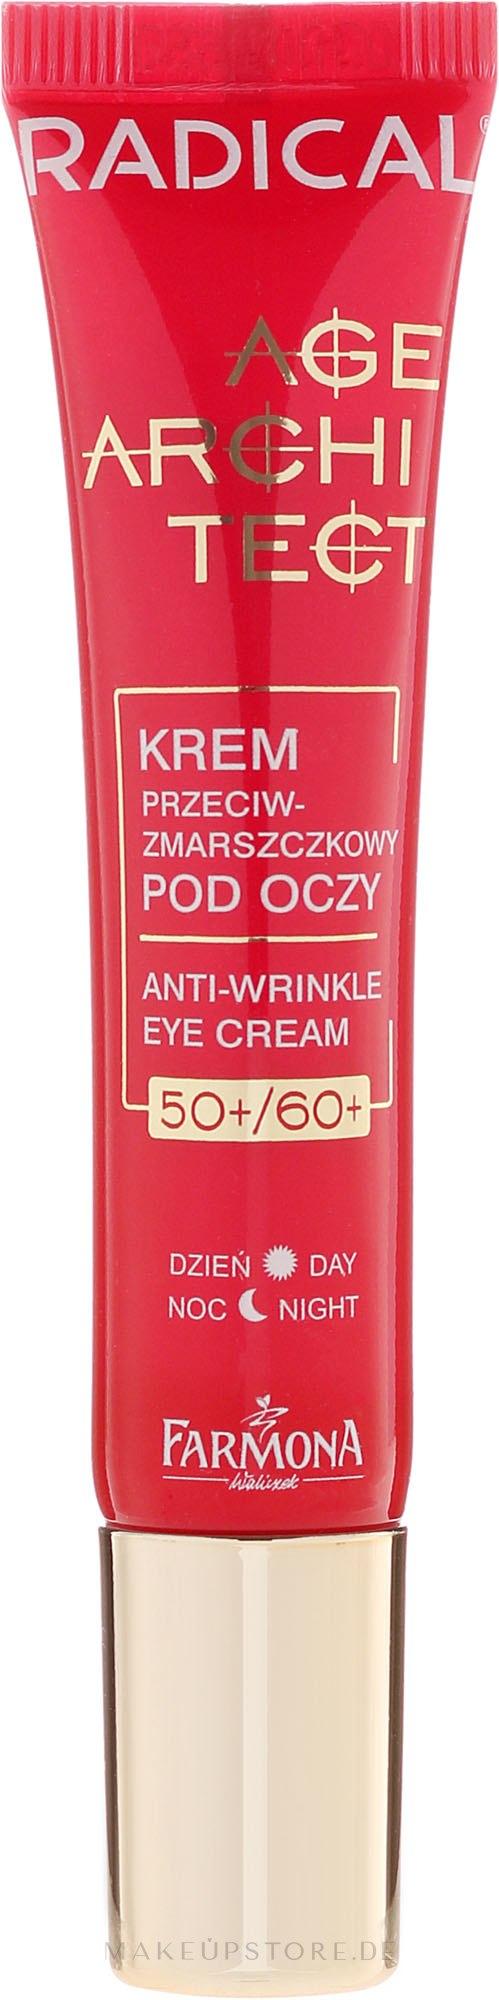 Anti-Falten Tages-und Nachtcreme gegen dunkle Augenringe und Schwellungen 50+/60+ - Farmona Radical Age Architect Anti Wrinkle Eye Cream 60+ — Bild 15 ml